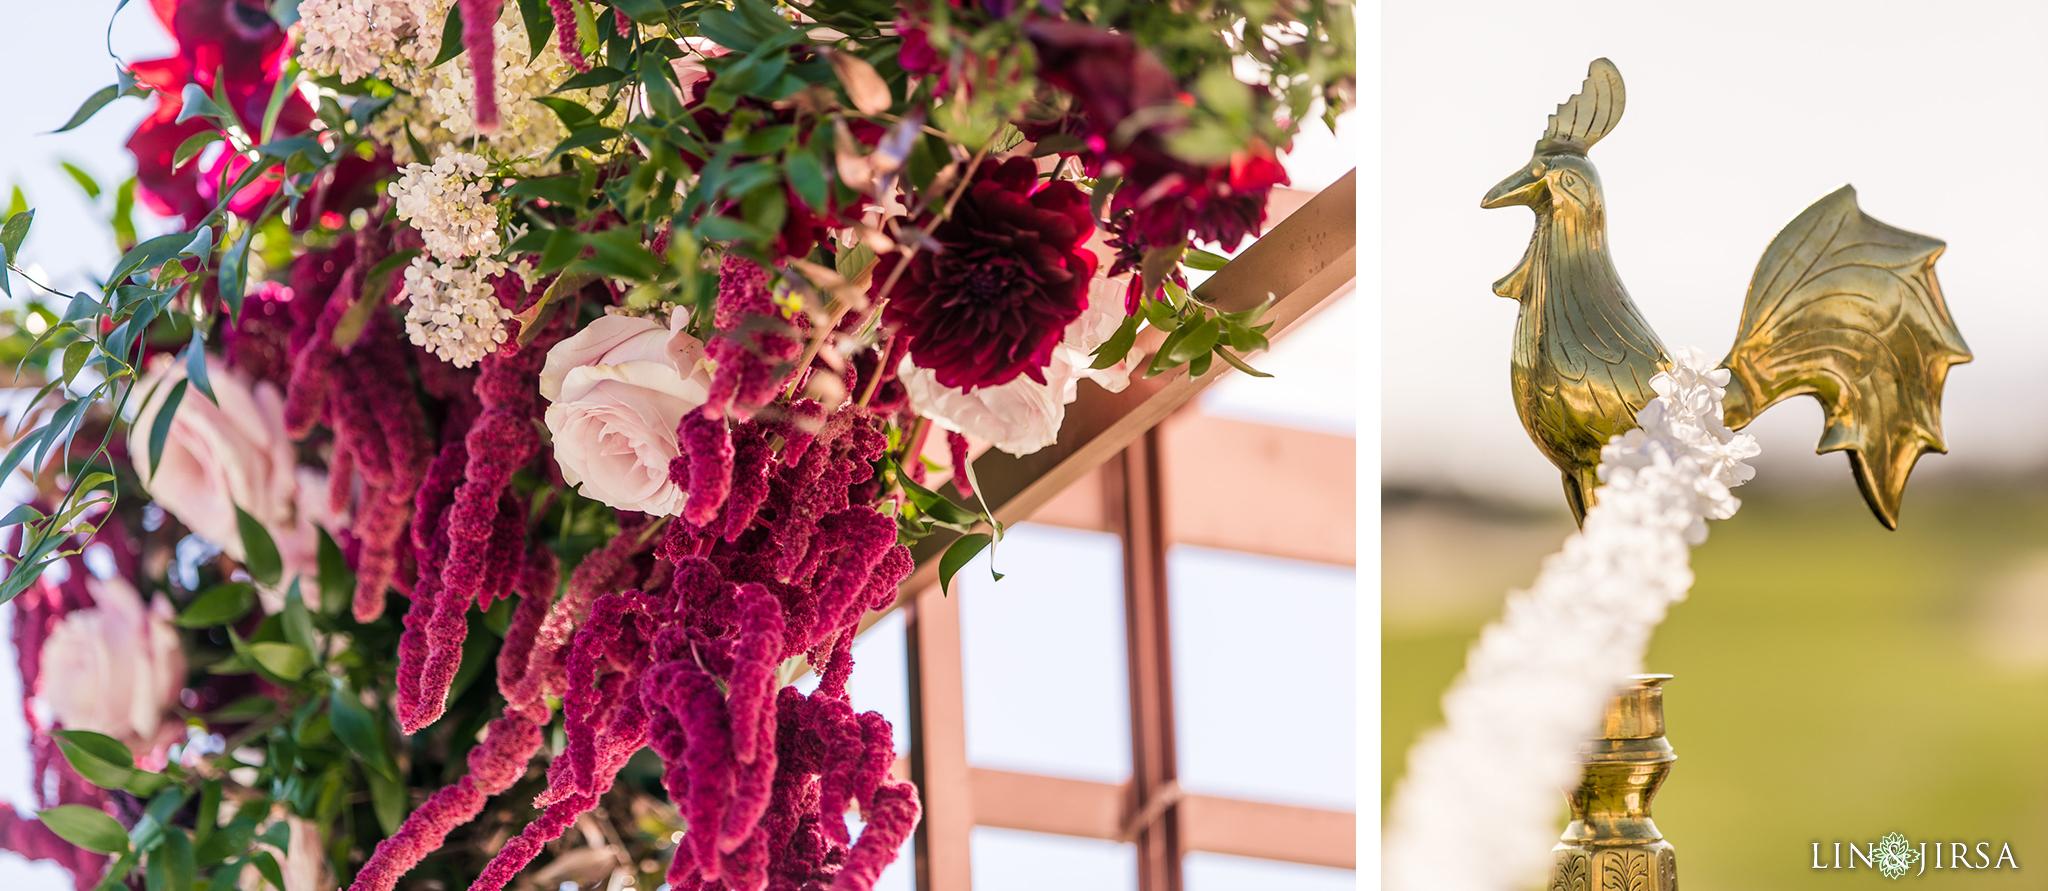 19 Monarch Beach Resort Dana Point Sinhalese Wedding Photography